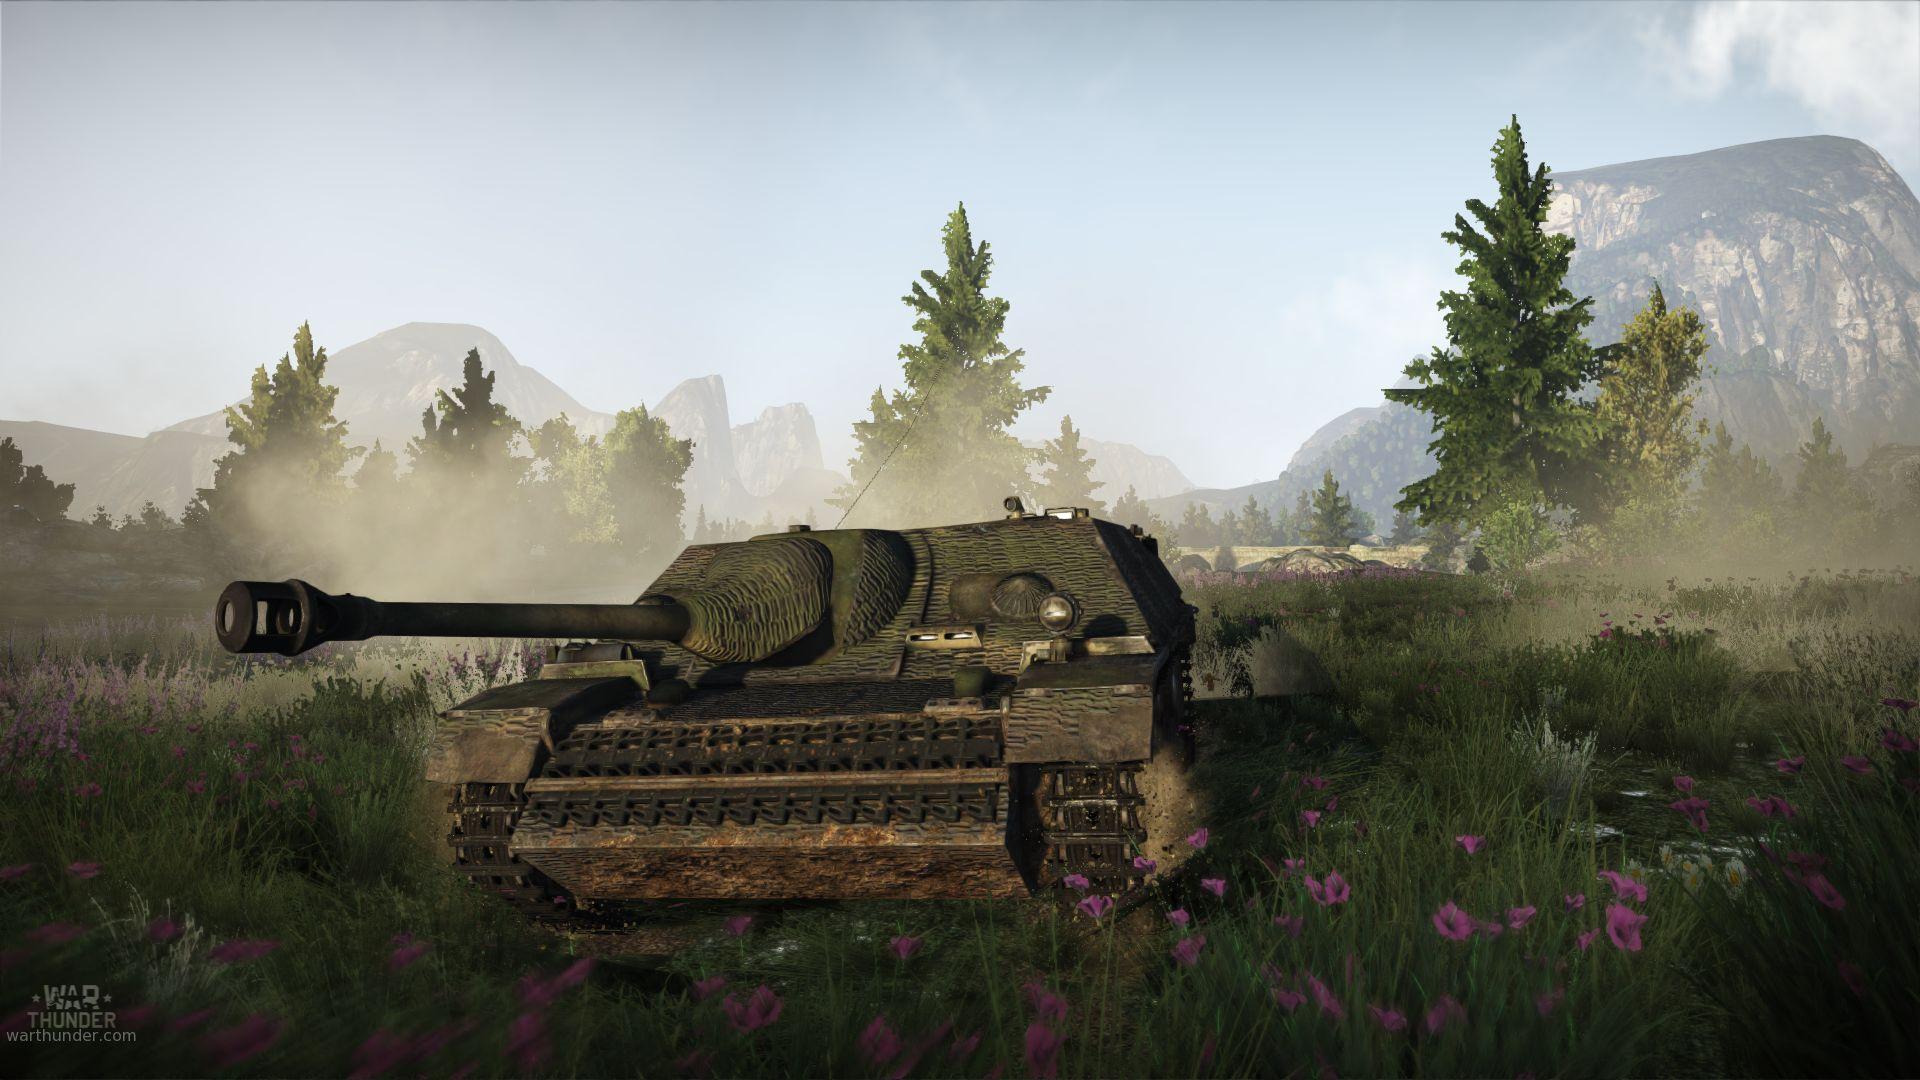 War thunder t 10m gameplayrj destiny